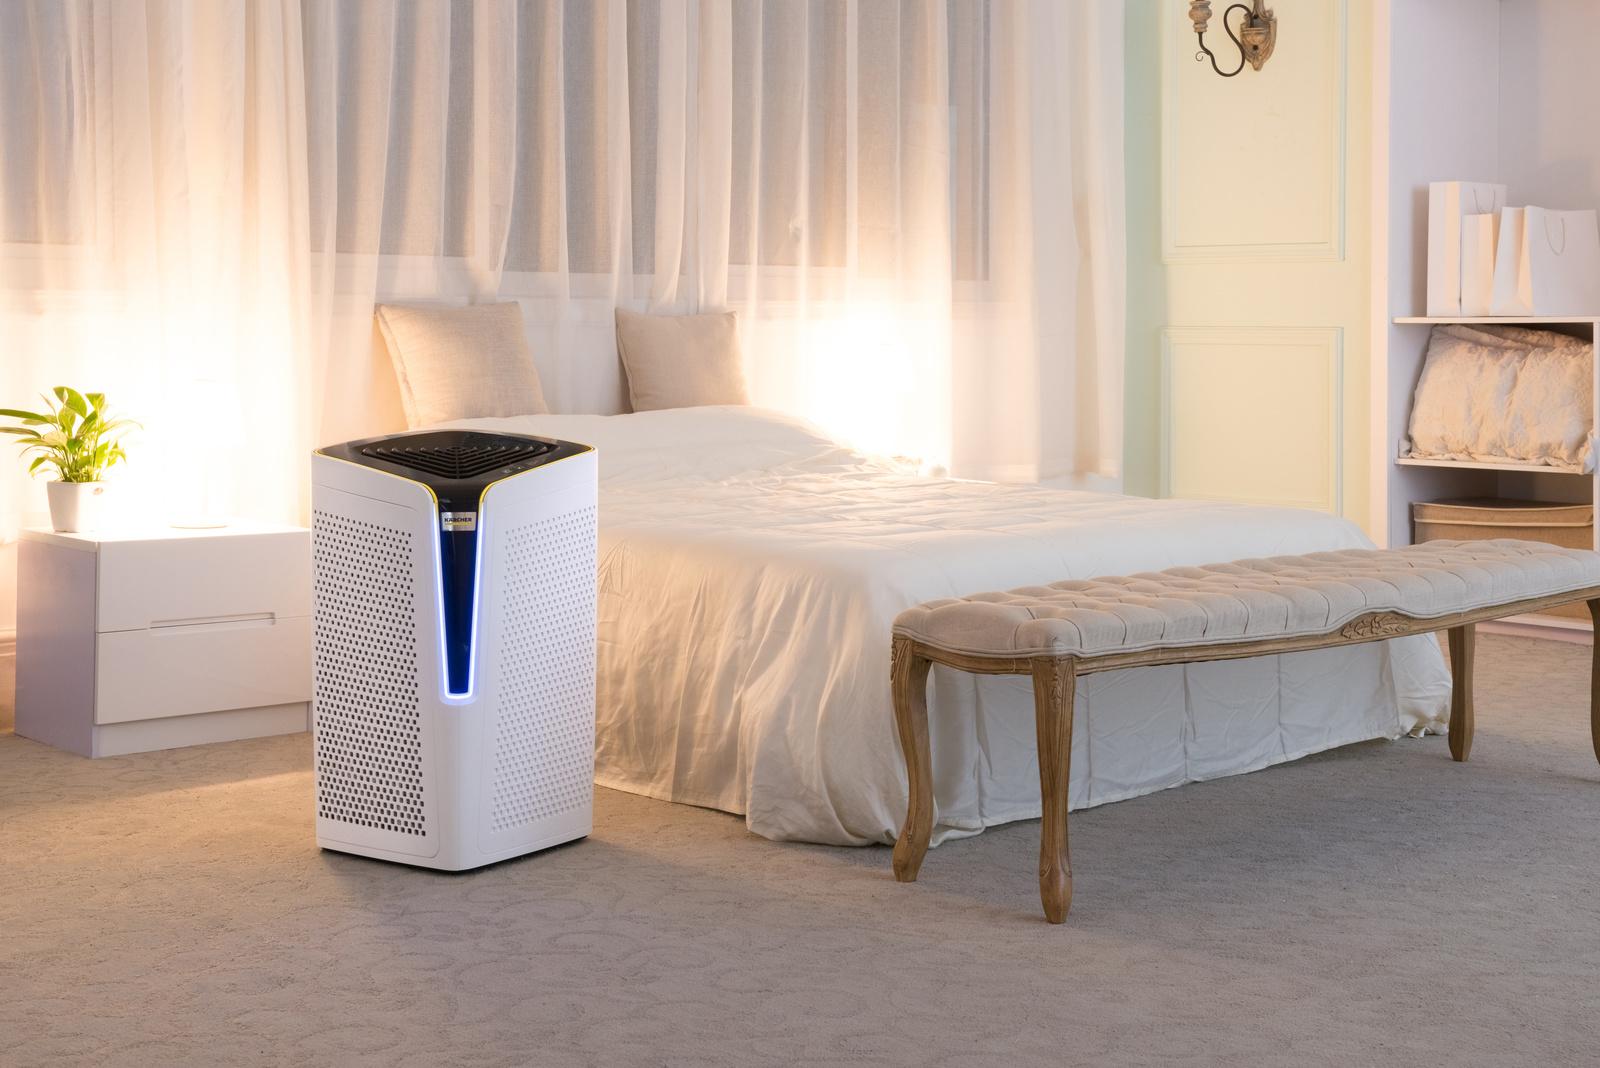 如何预防流感迎接春暖花开?卡赫空气净化器值得推荐!